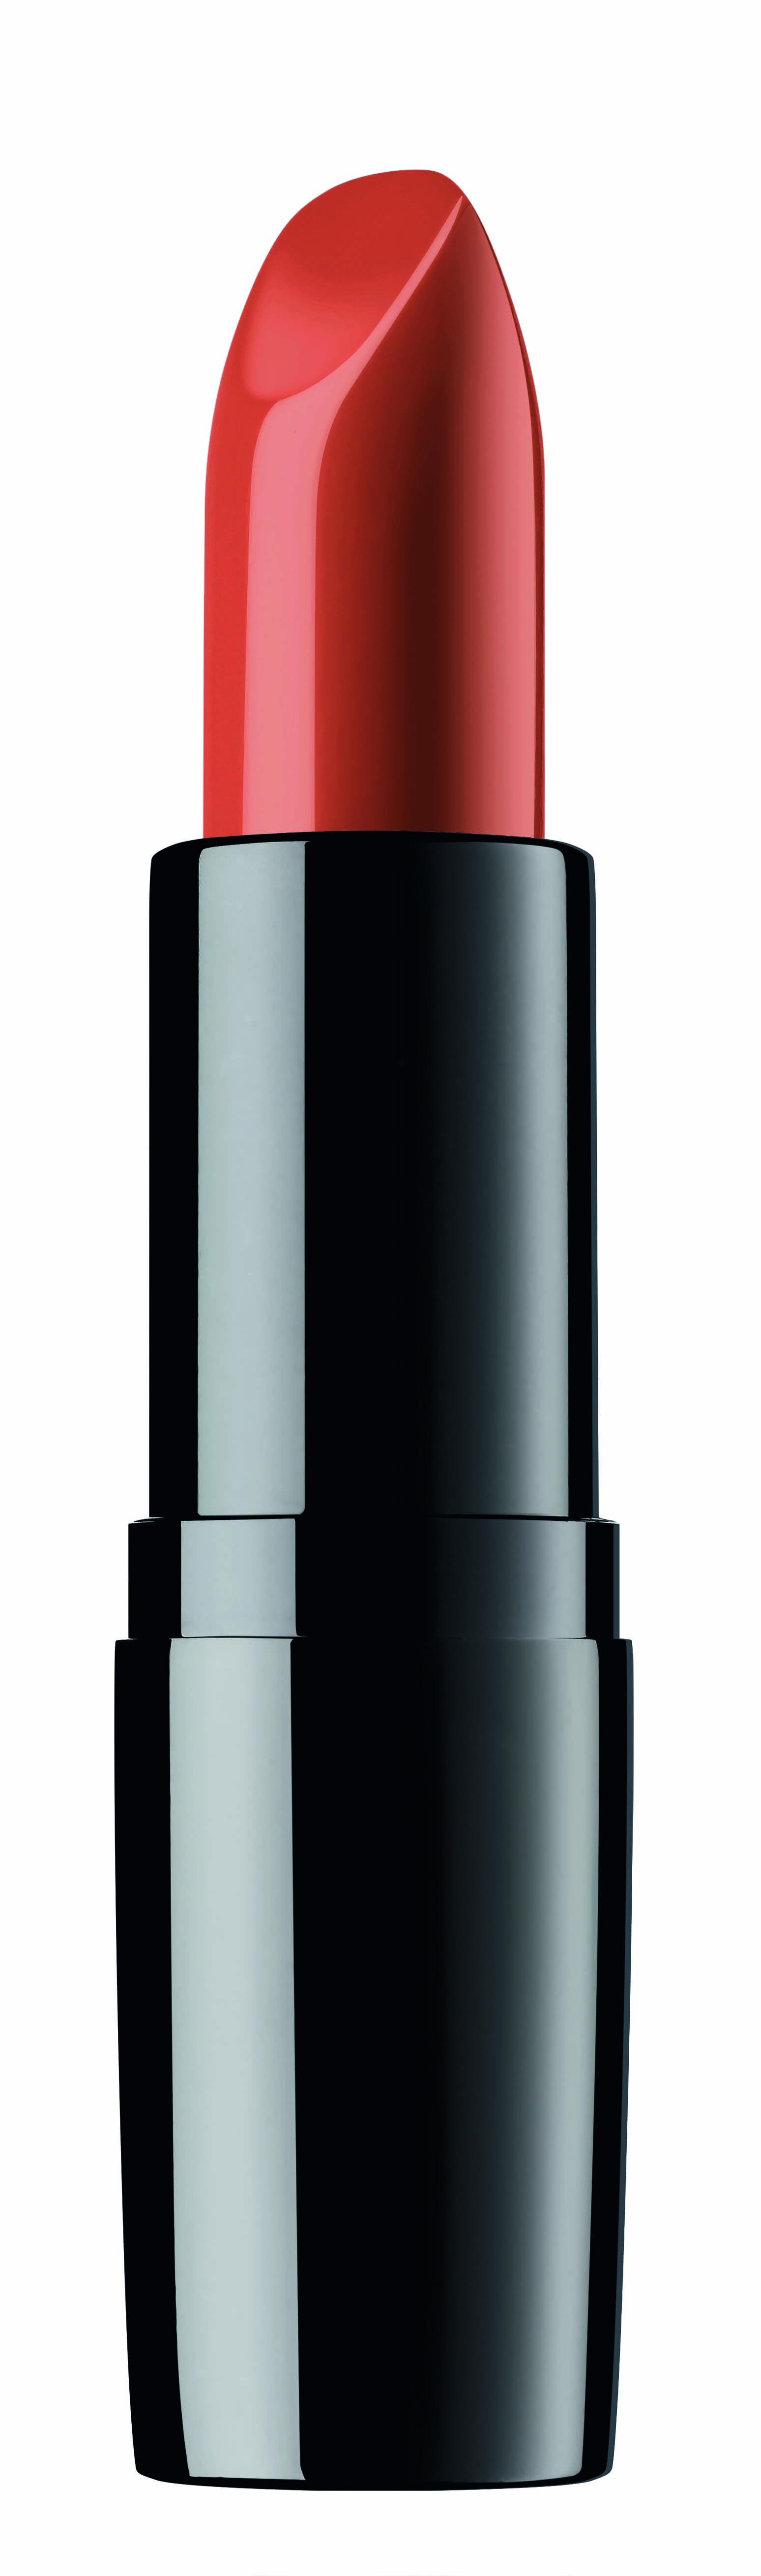 Artdeco помада для губ увлажняющая Perfect color 17А 4 г13.17AТекстура нежнейшего крема дарит несказанное удовольствие и комфорт! Помада обладает стойкостью и содержит специальные пигменты для более ровного нанесения. Ее так легко нанести, что зеркало не обязательно! Изумительный микс помады и блеска. Элегантный дизайн делает продукт изысканным.